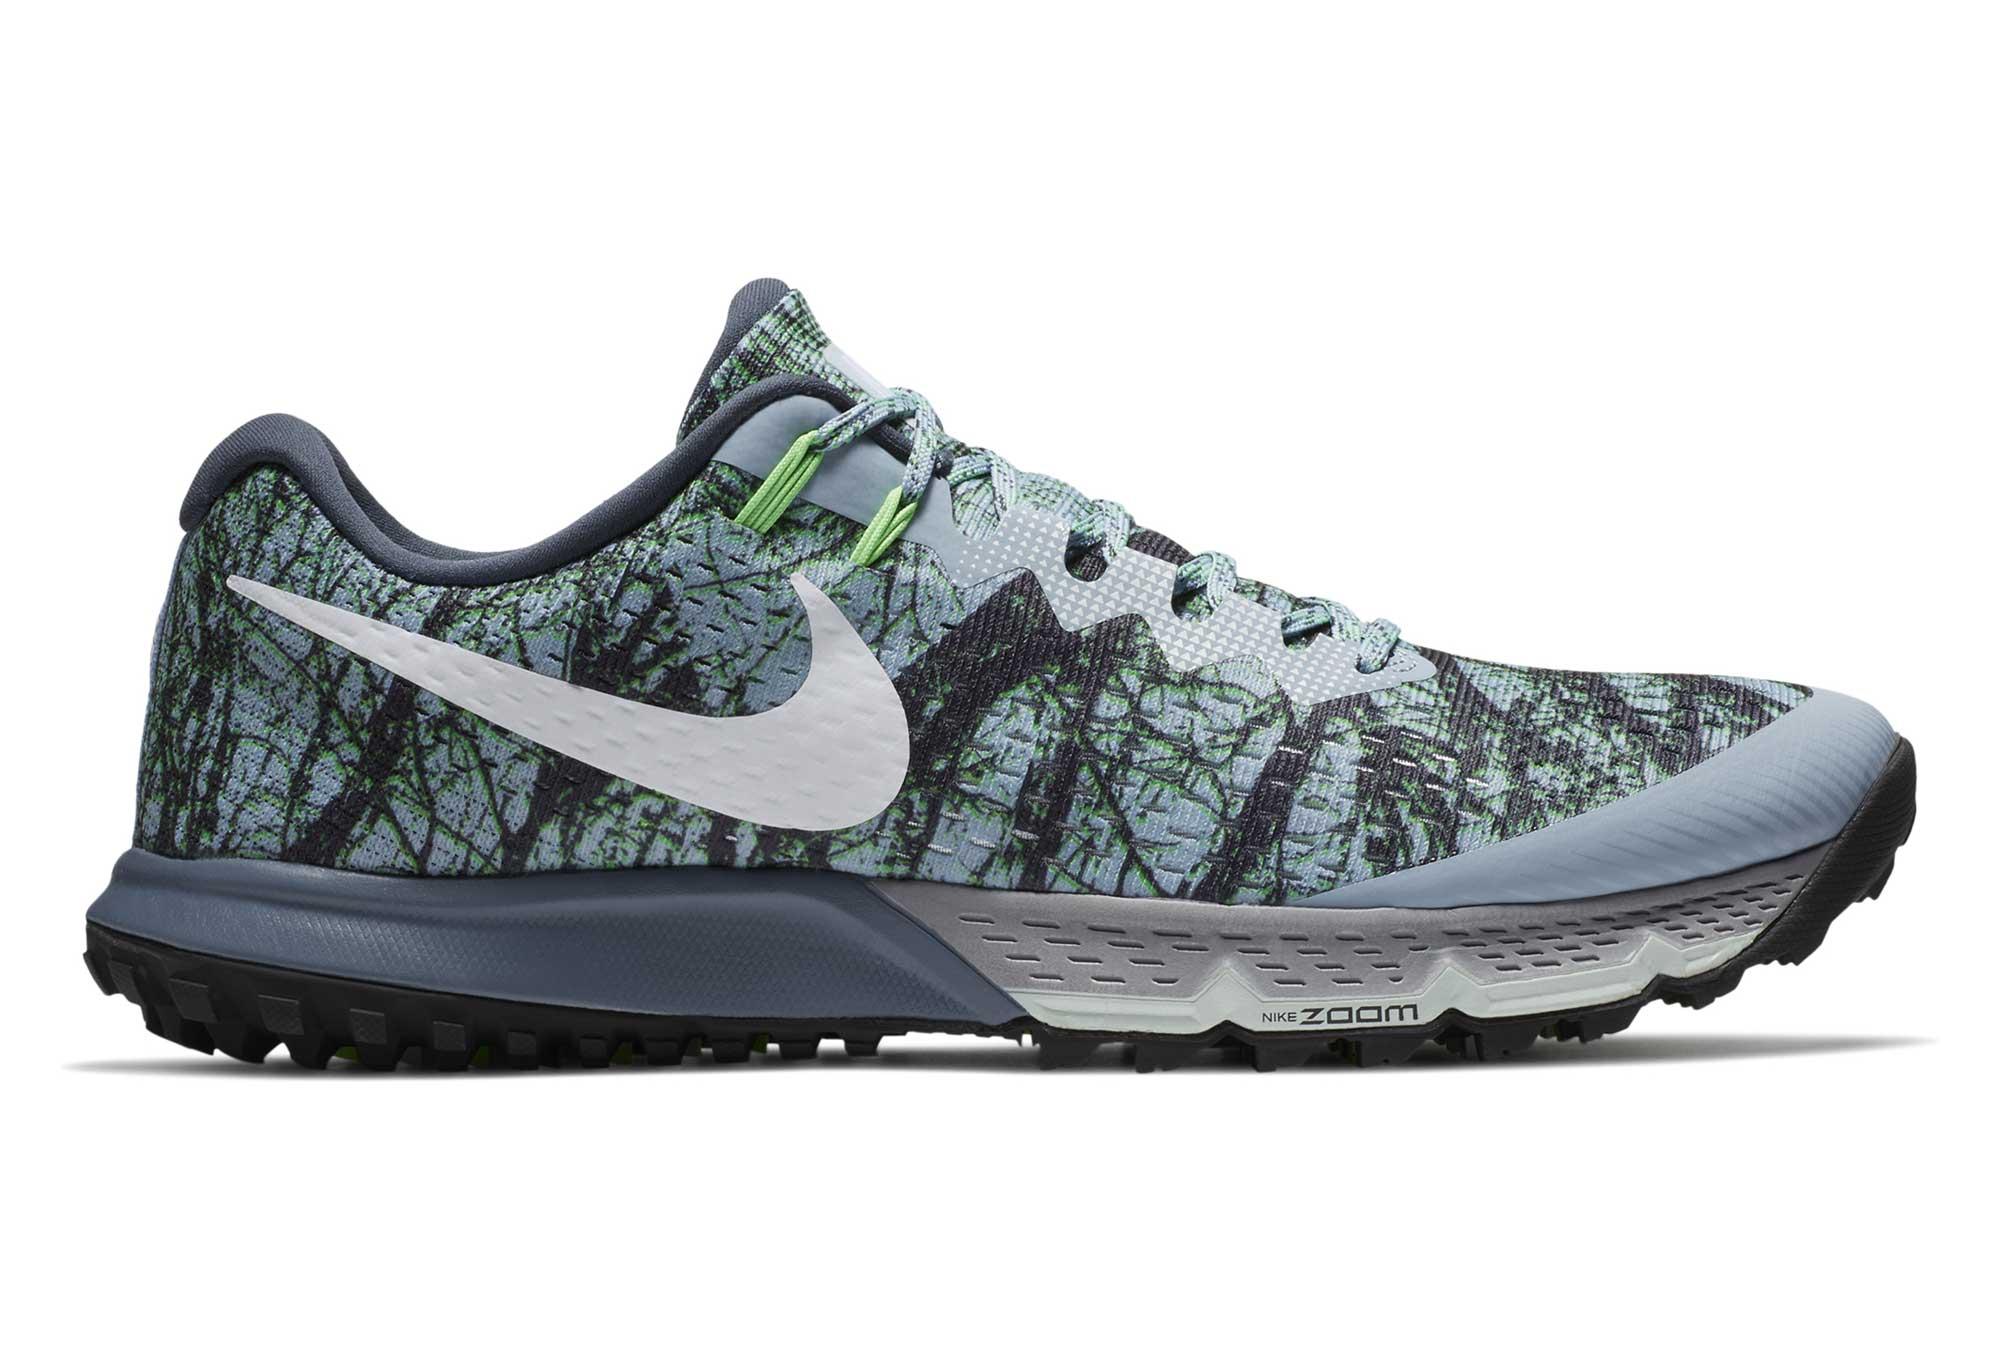 ddd76cc331163 Zapatillas Nike Air Zoom Terra Kiger 4 para Hombre Gris